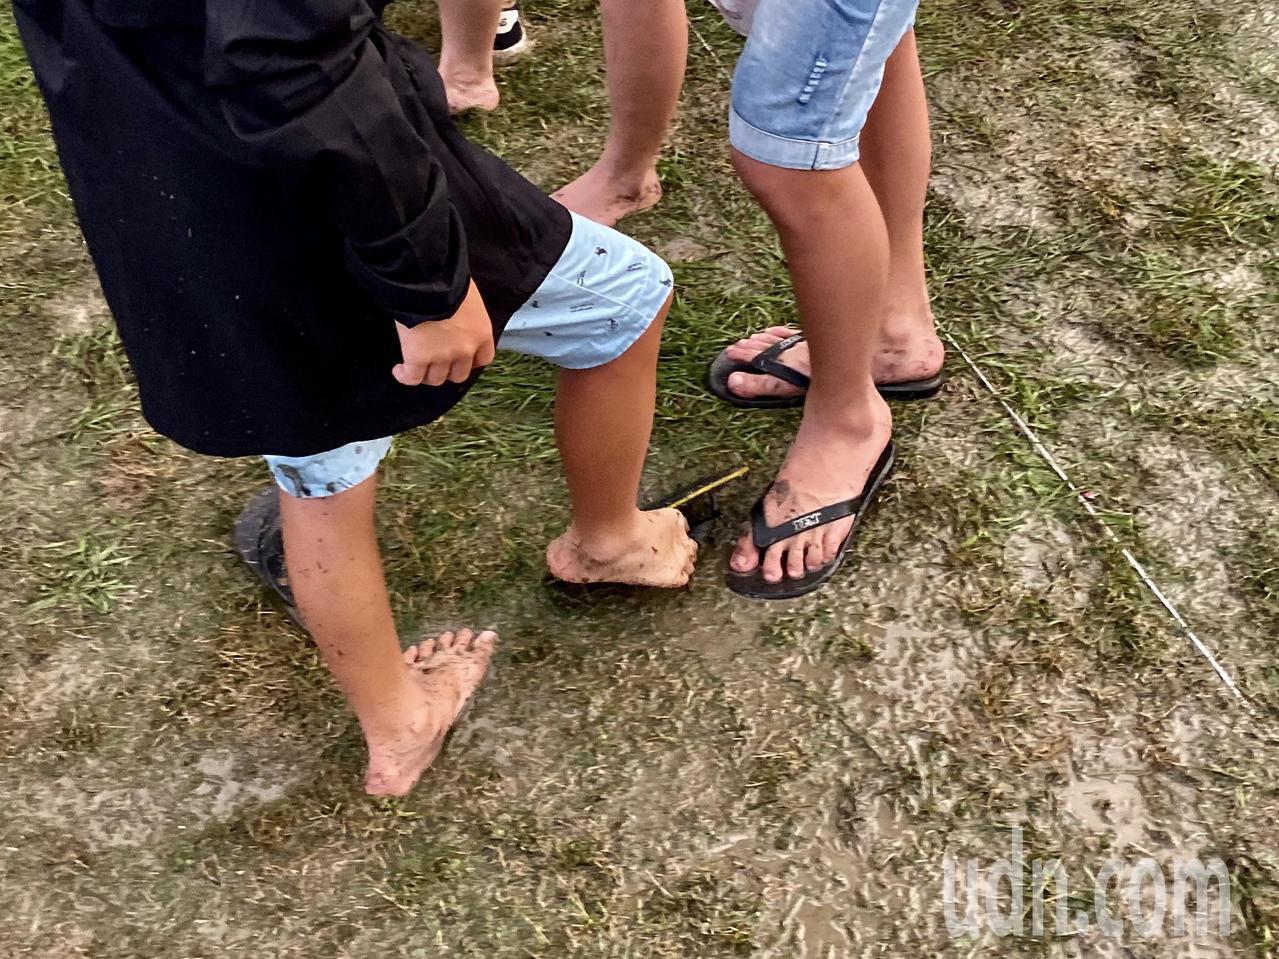 國慶焰火會場因大雨積水滿是泥濘,不少民眾索性脫下鞋襪,赤腳踩著泥巴,站在舞台前欣...